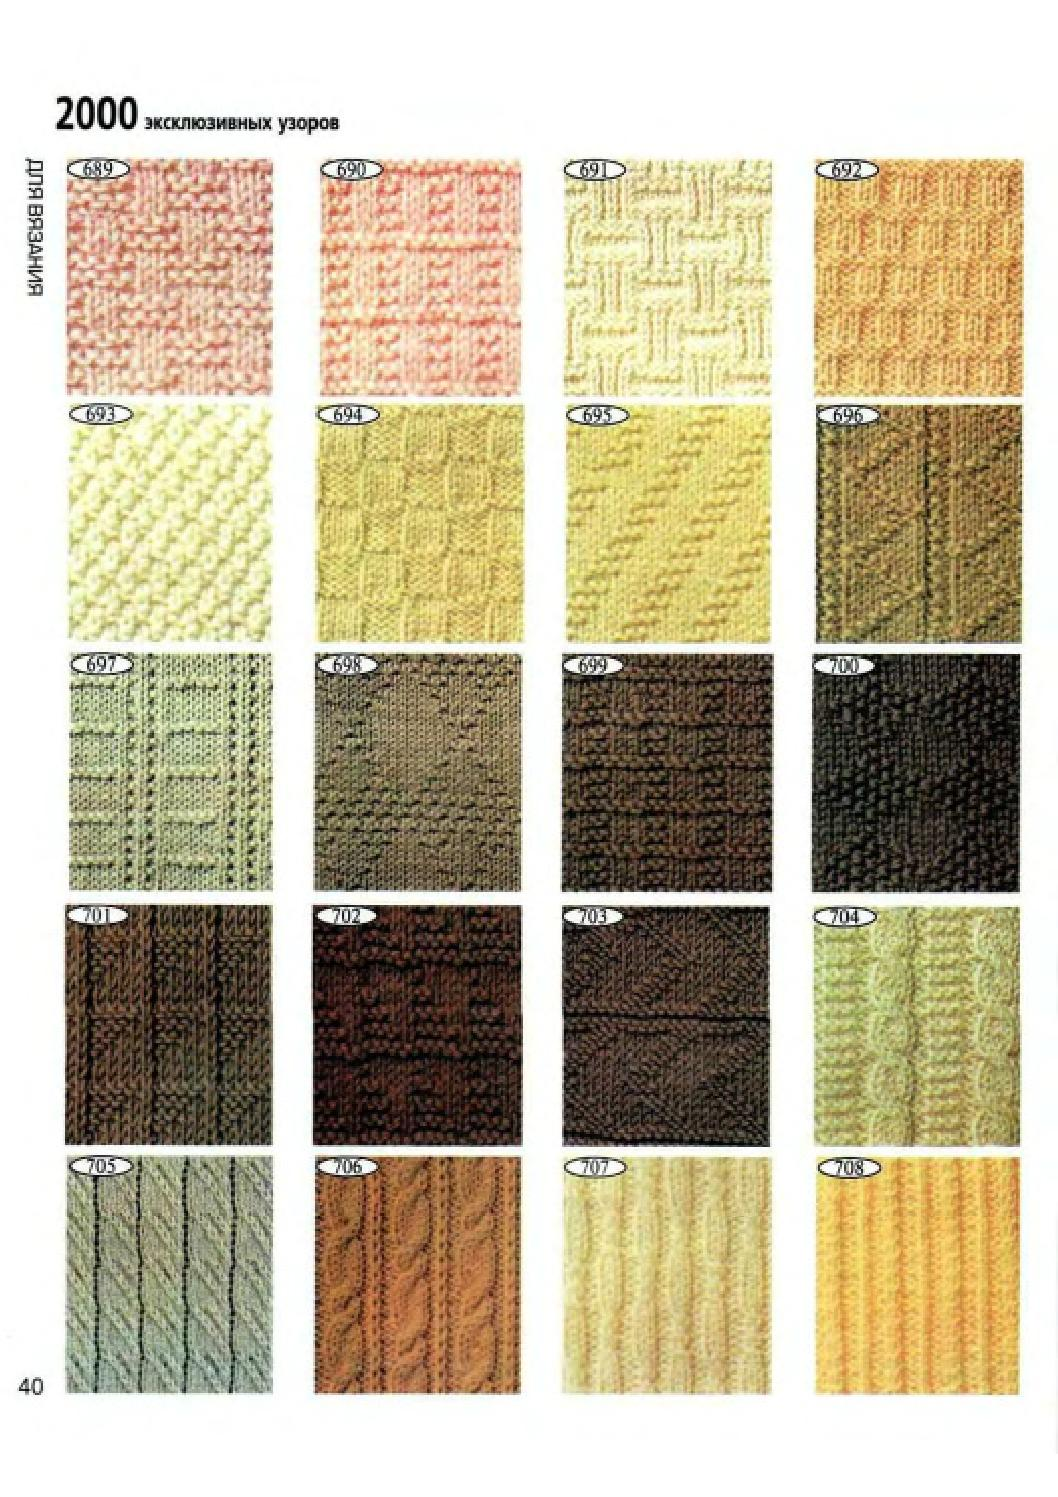 Скачать торрент 2000 эксклюзивных узоров для вязания (2000) 63